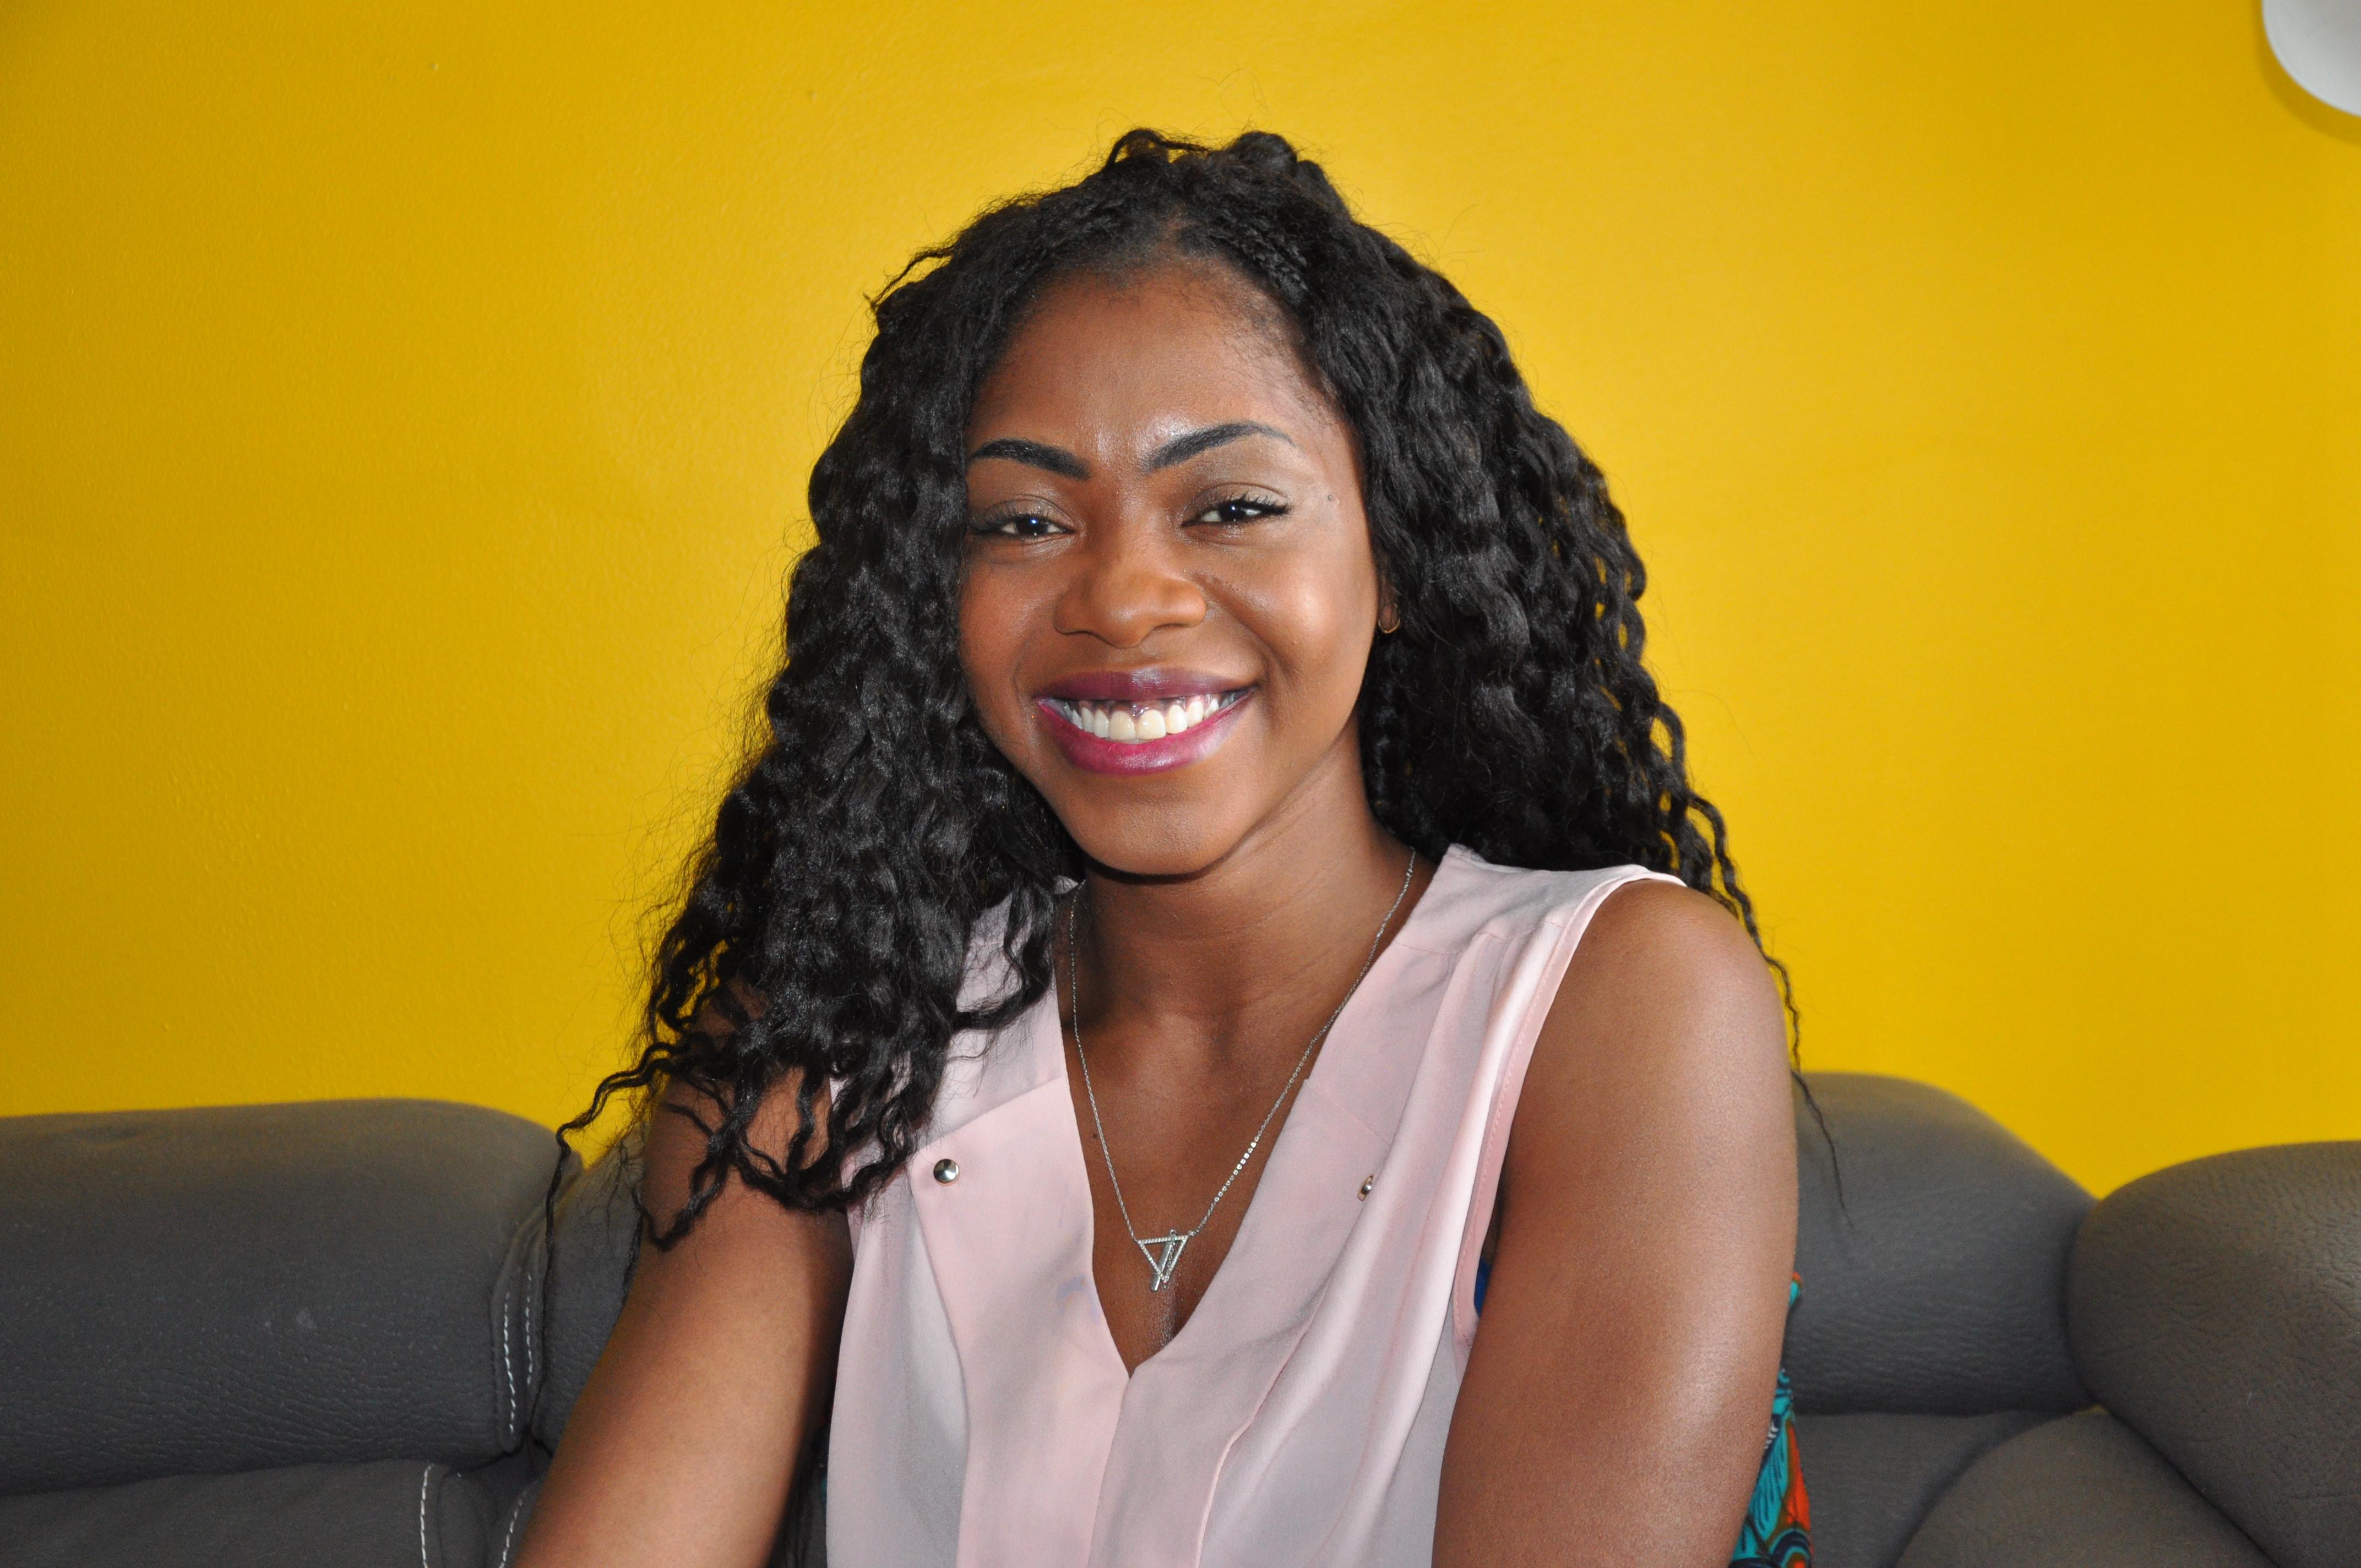 Claudine Zamparutti Dongo